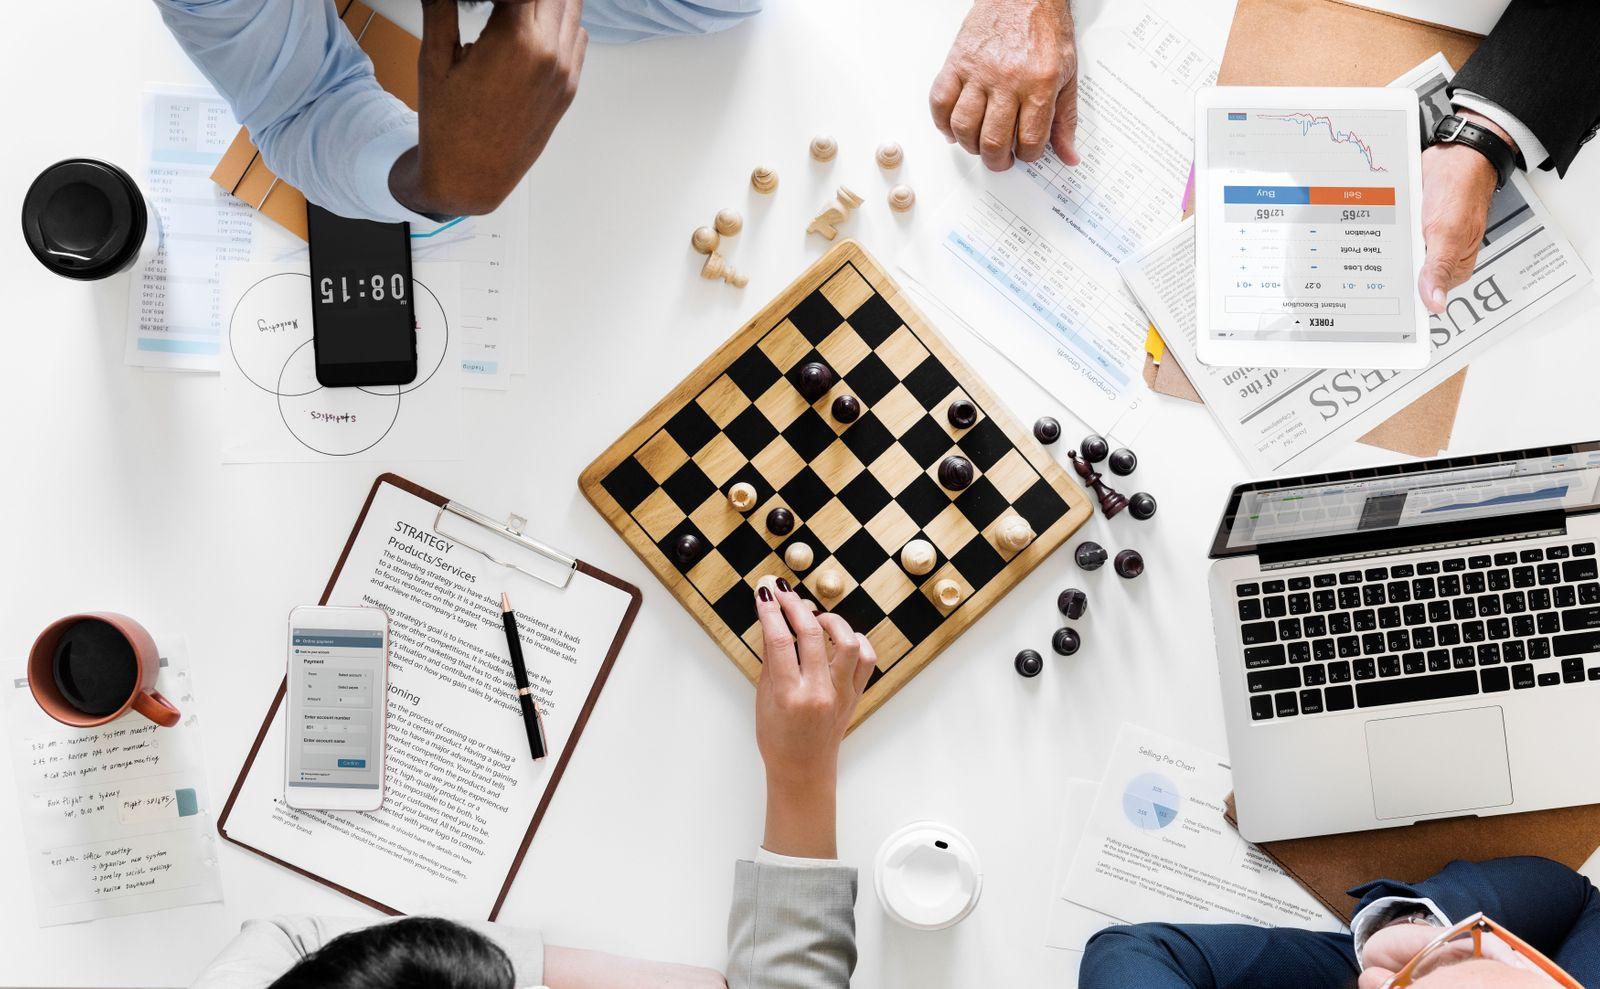 Como o posicionamento estratégico pode fortalecer o seu negócio